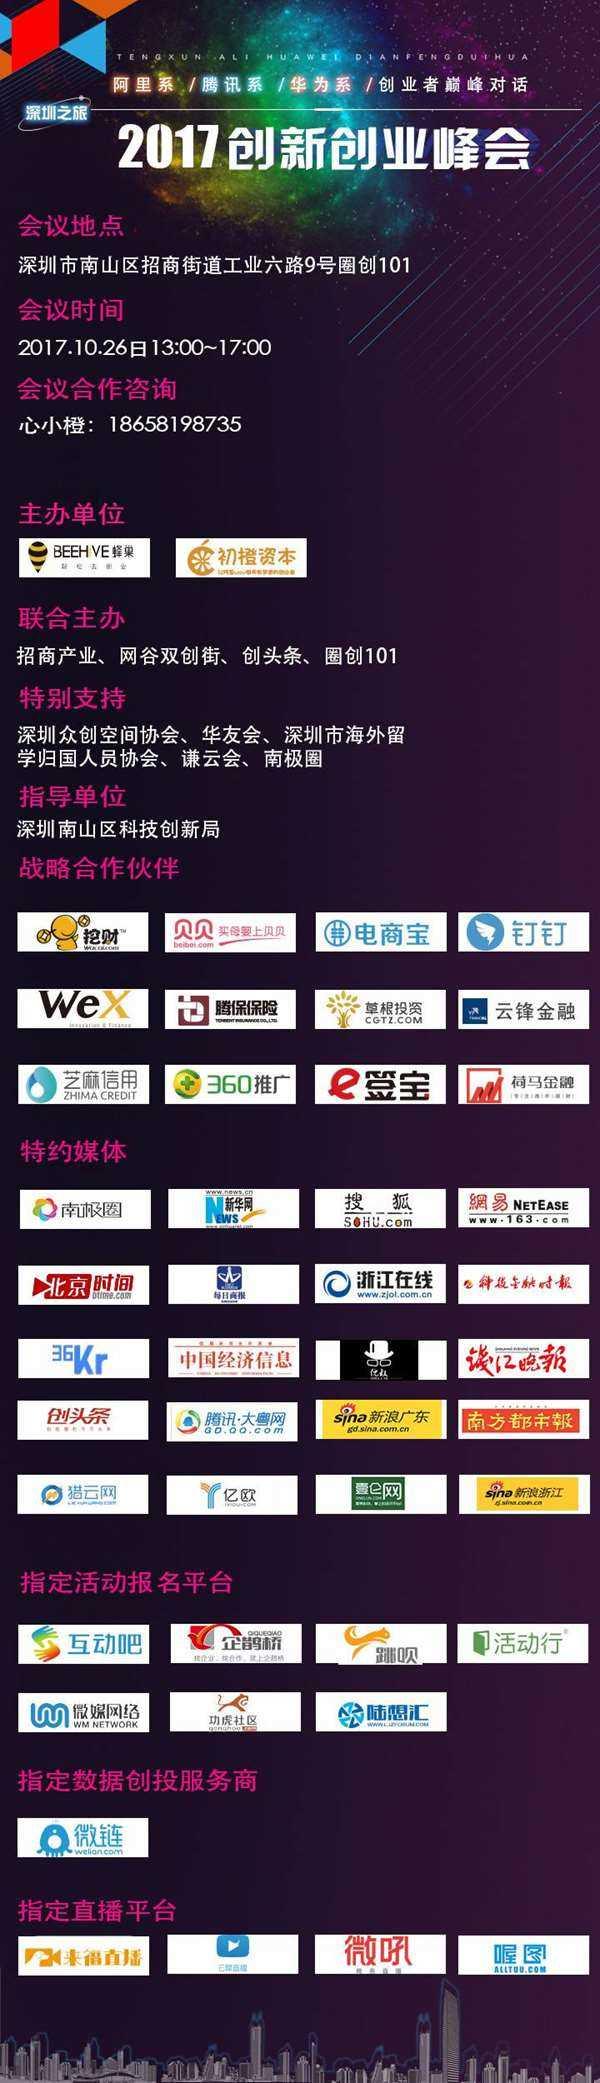 深圳内容3.jpg